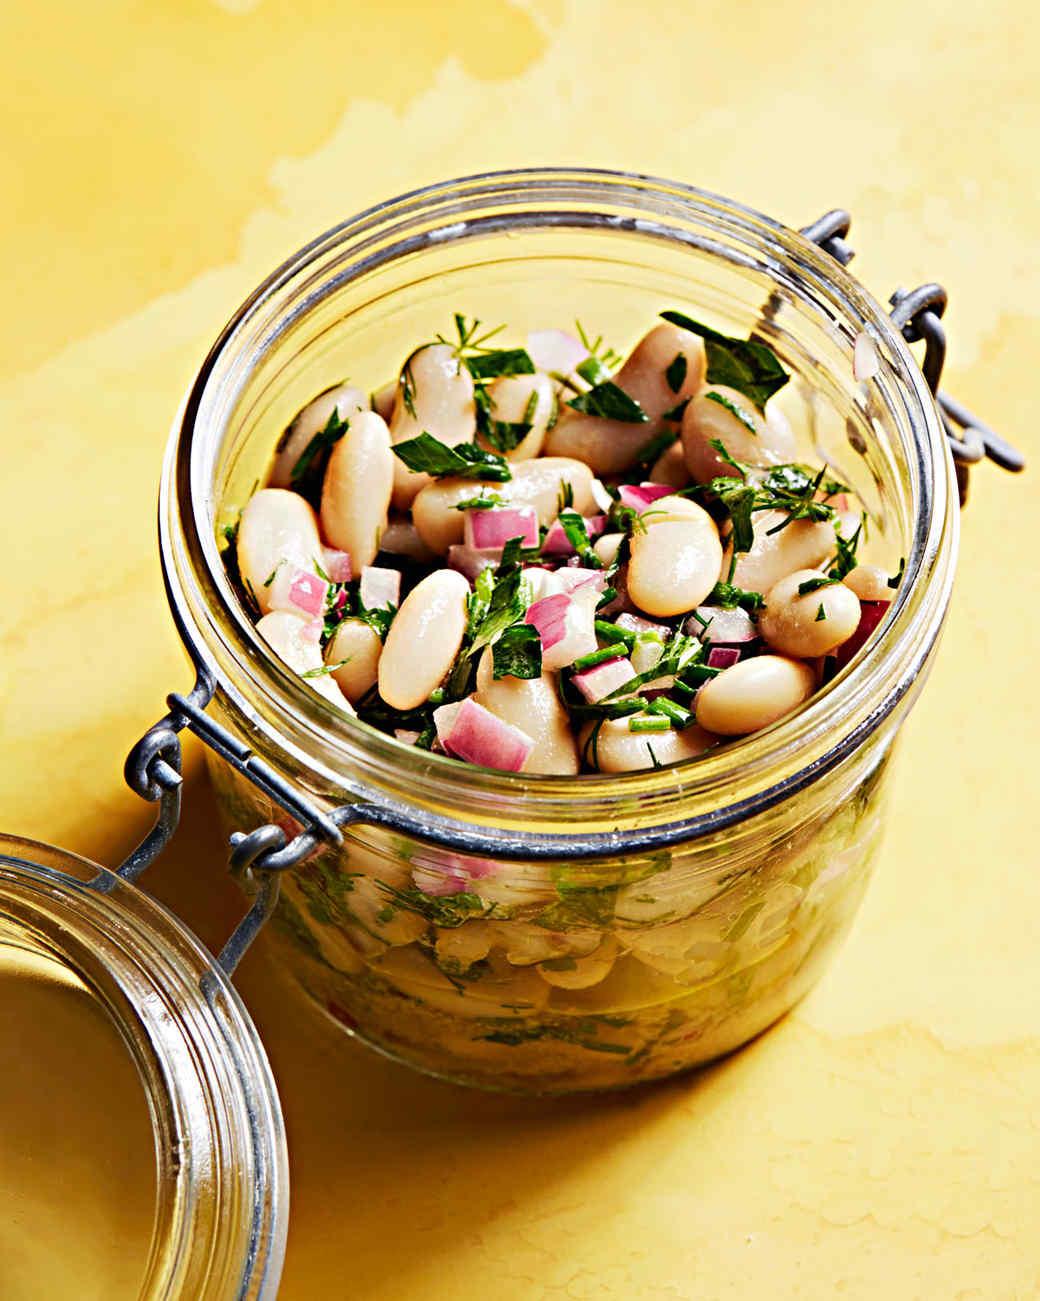 herbed bean salad